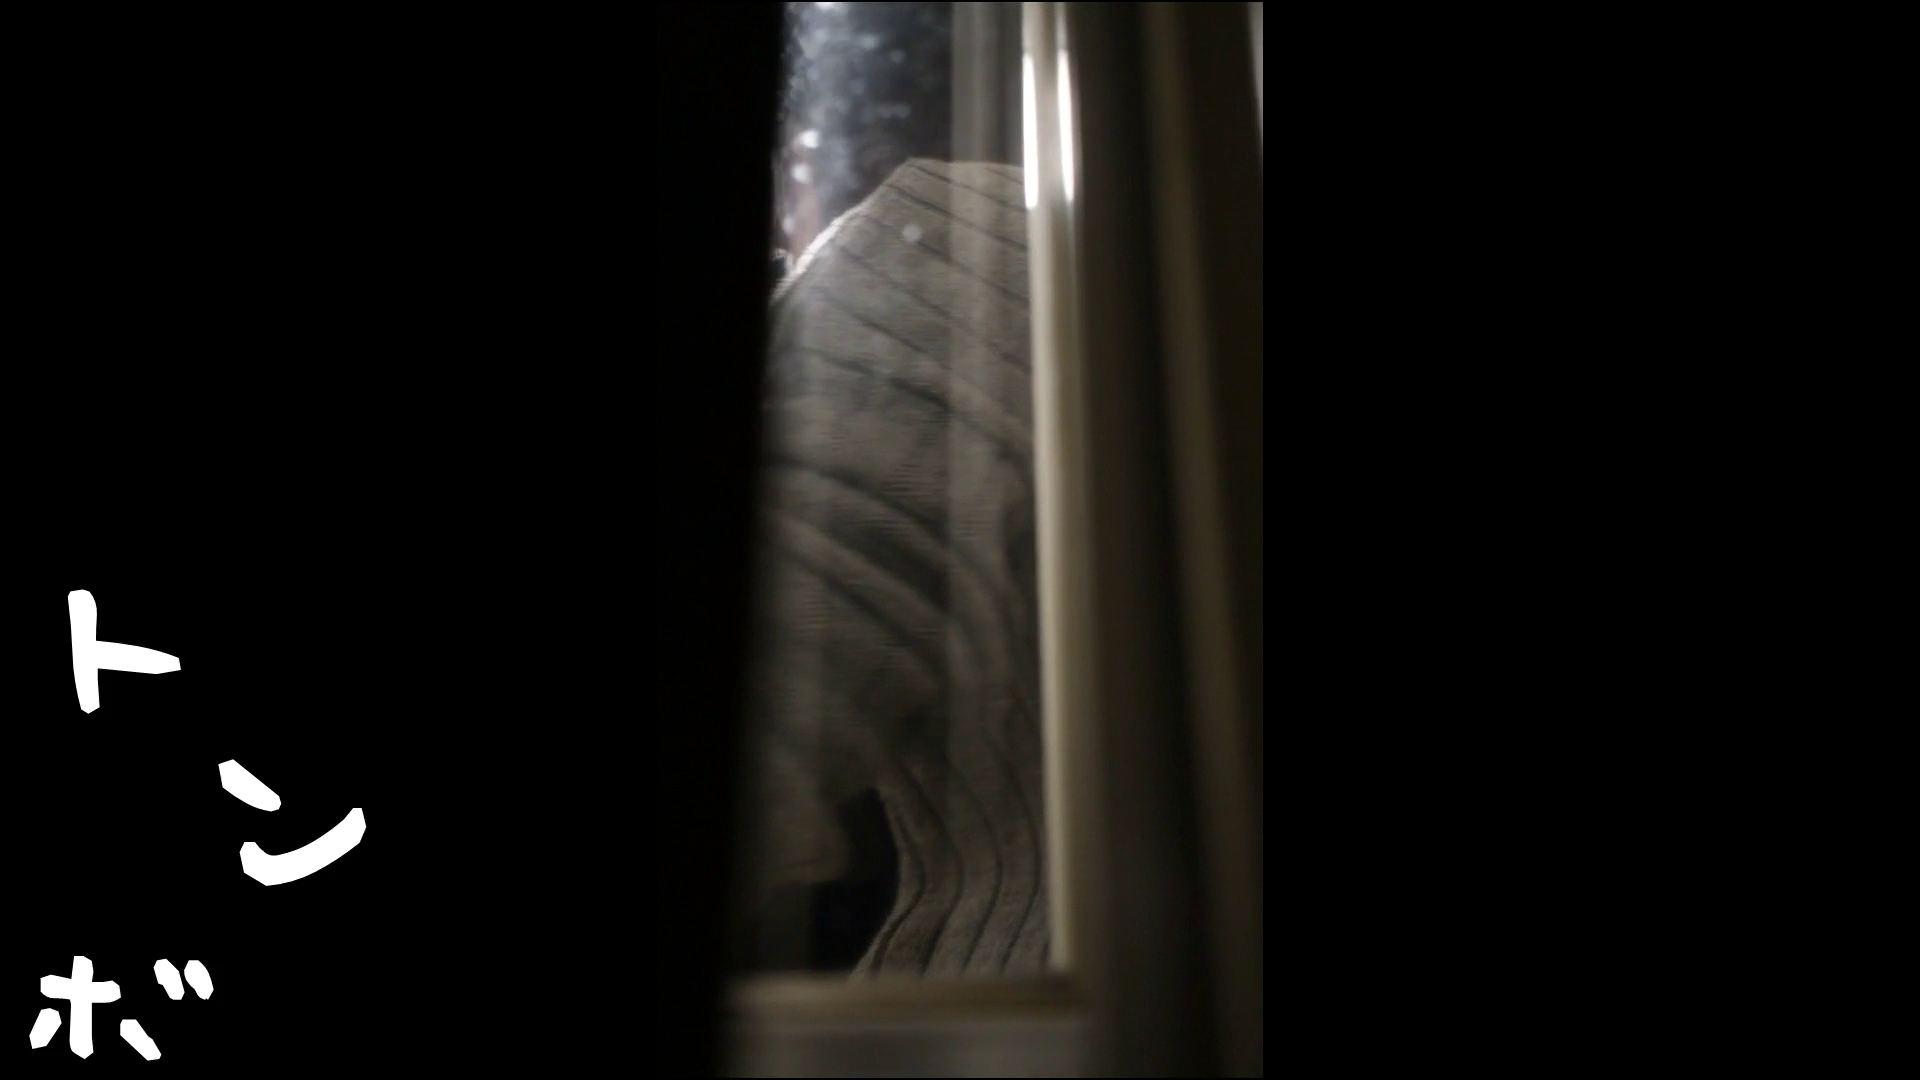 ▲2017_08位▲ 【02位 2016】盗撮美人女子大プライベートSEX Hな美女 盗み撮り動画 105pic 4